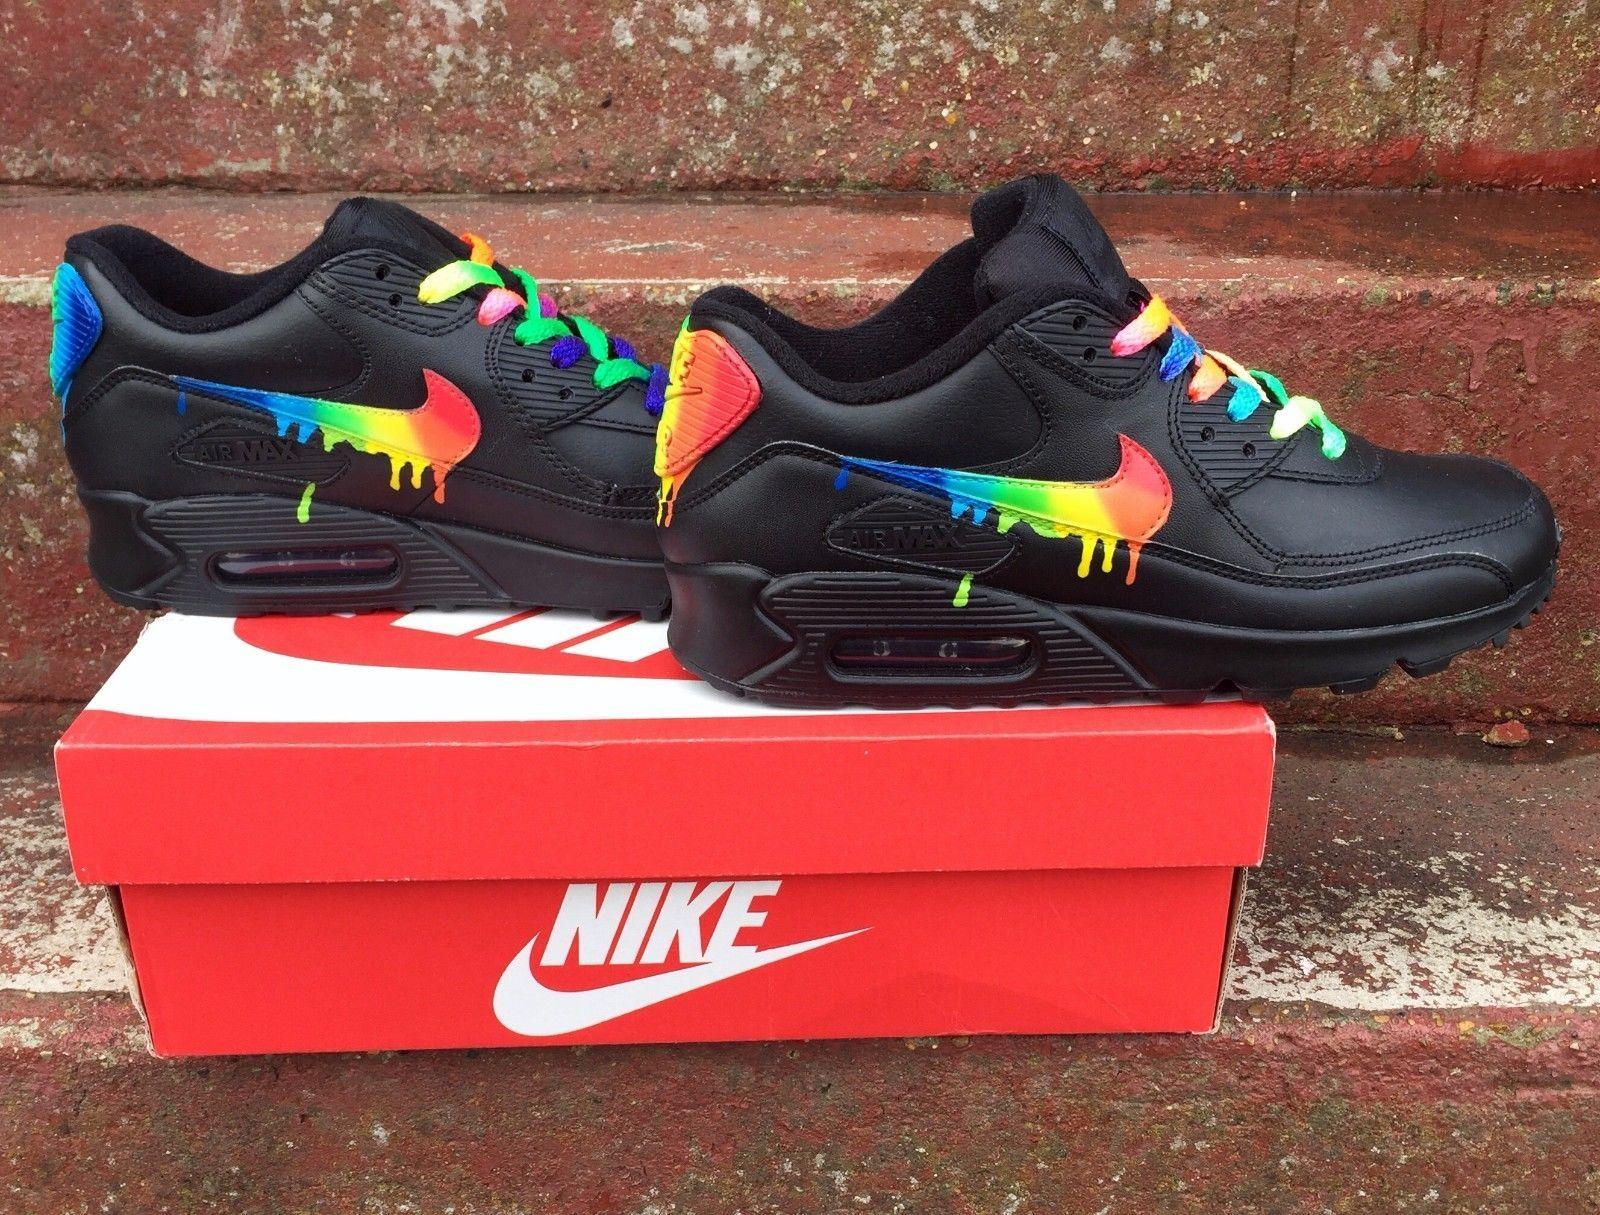 Cheap Nike Air Max 90 Candy Drip Rainbow Black Trainer Sale